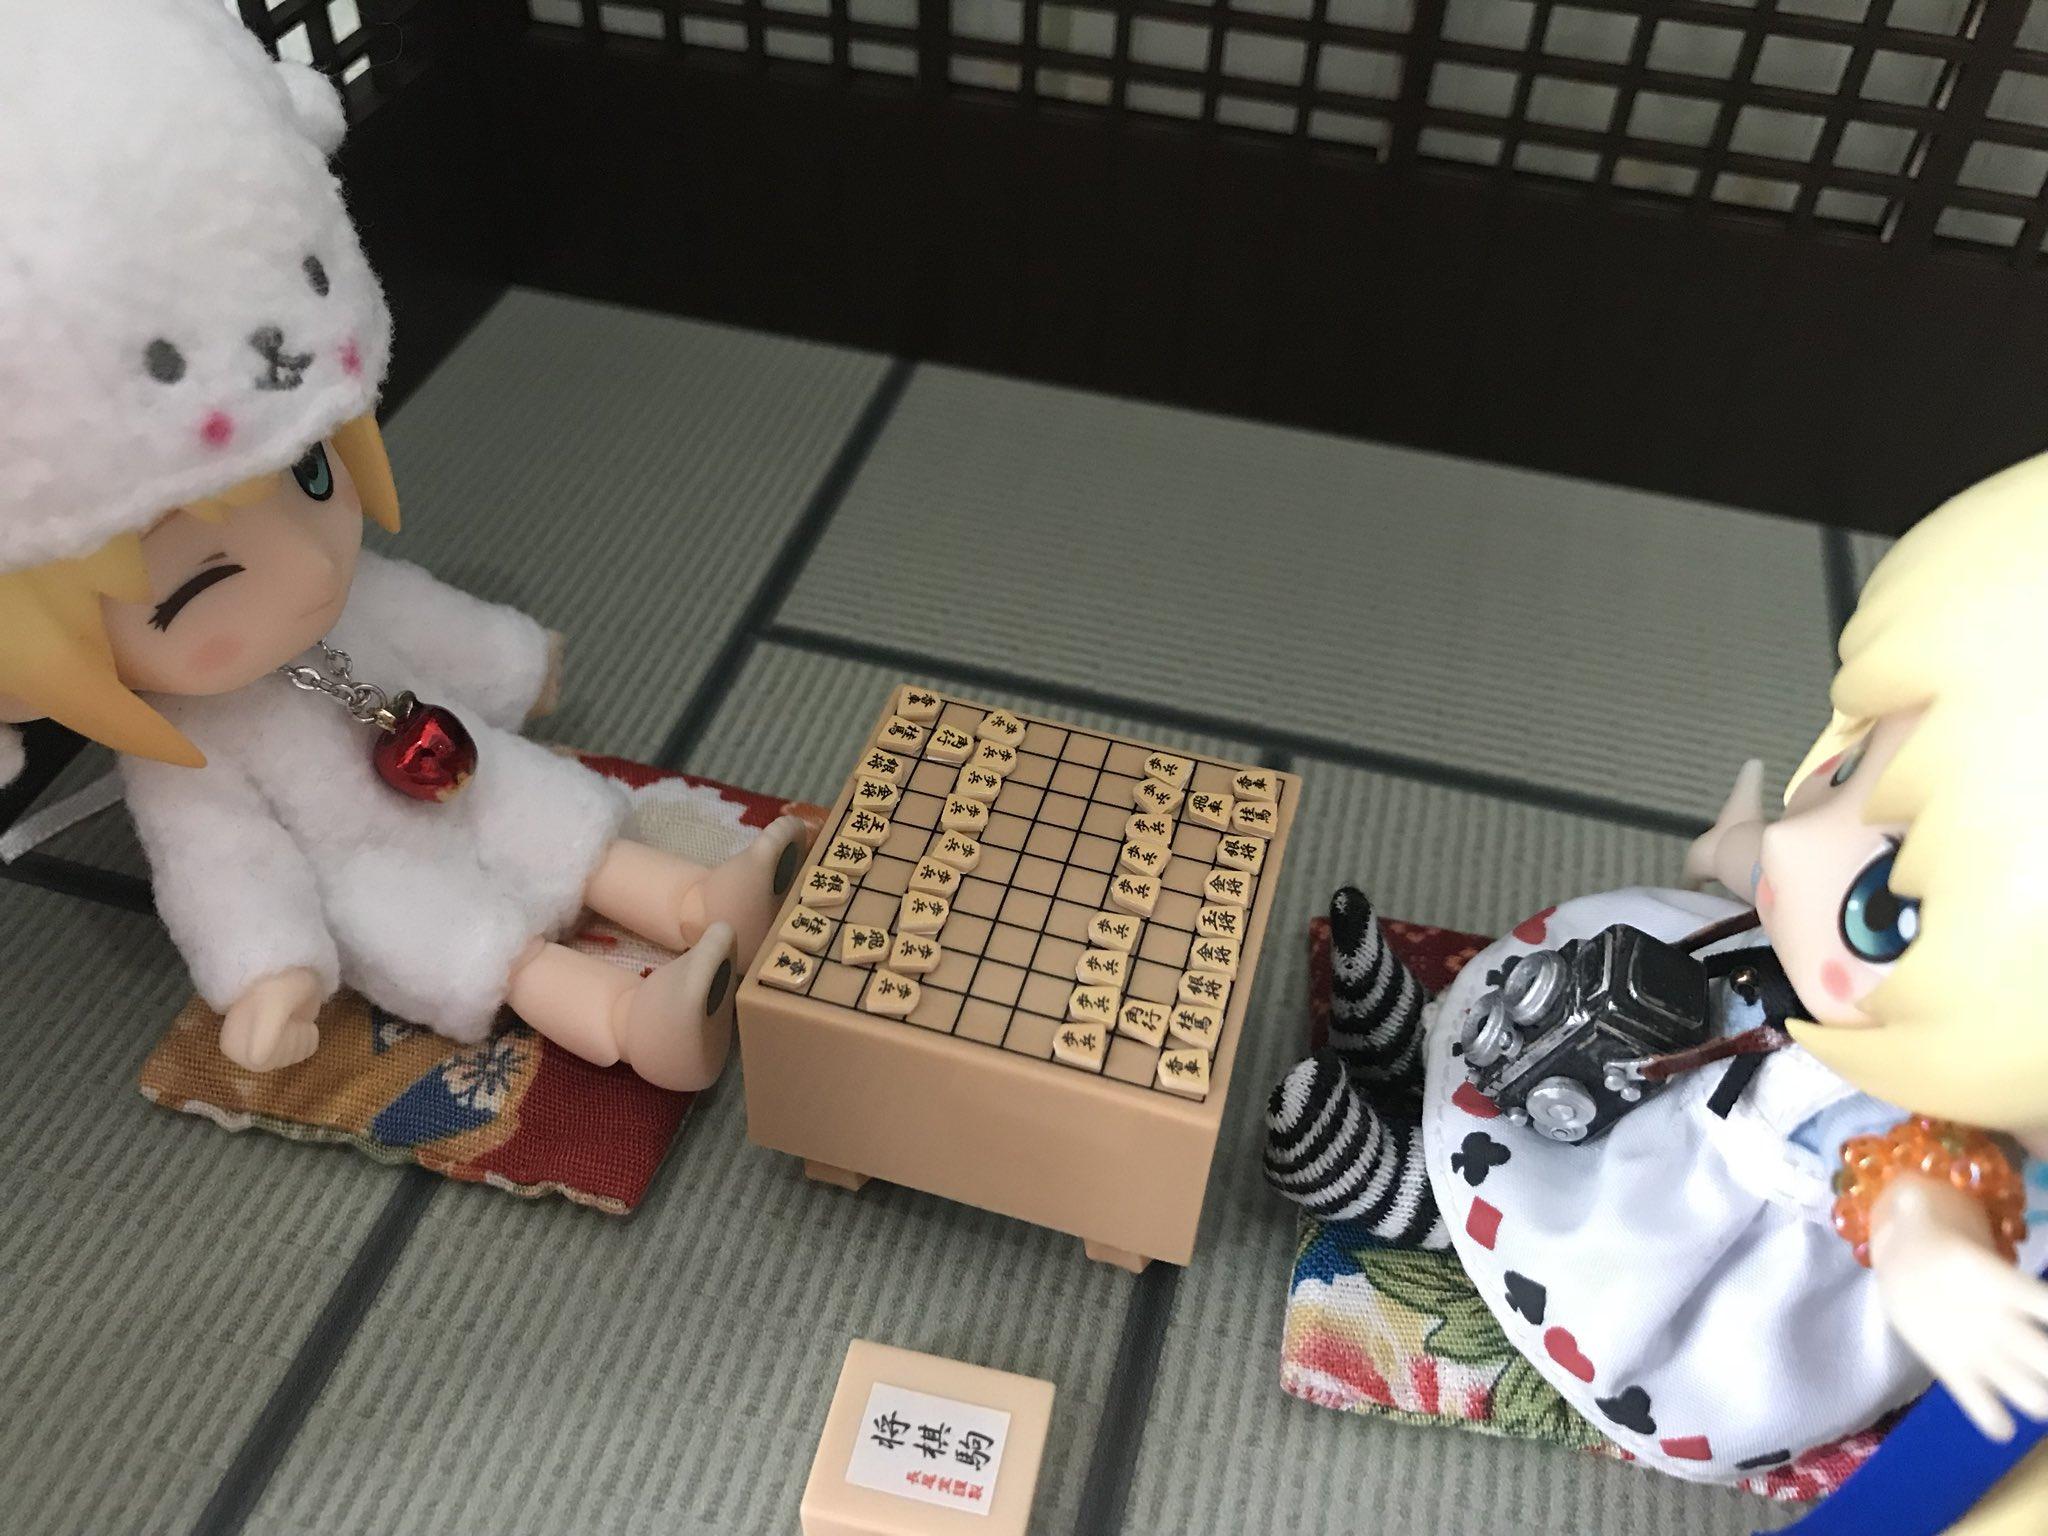 キューポッシュ,将棋をする可愛い子達,子供も出来るミニチュア将棋